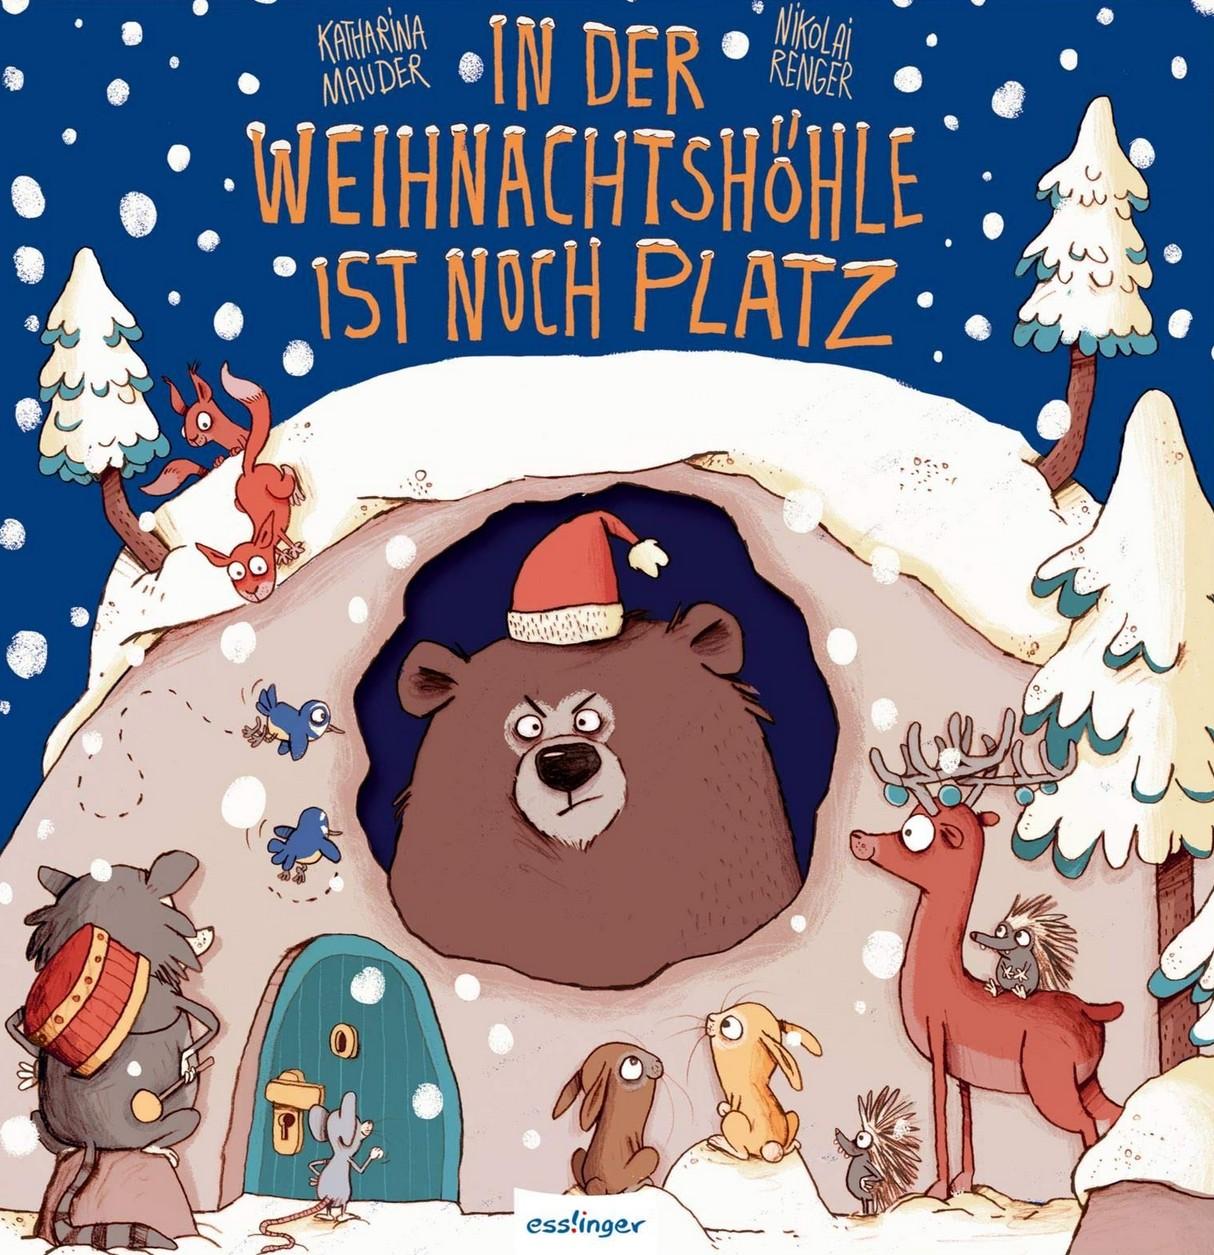 In der Weihnachtshöhle ist noch Platz